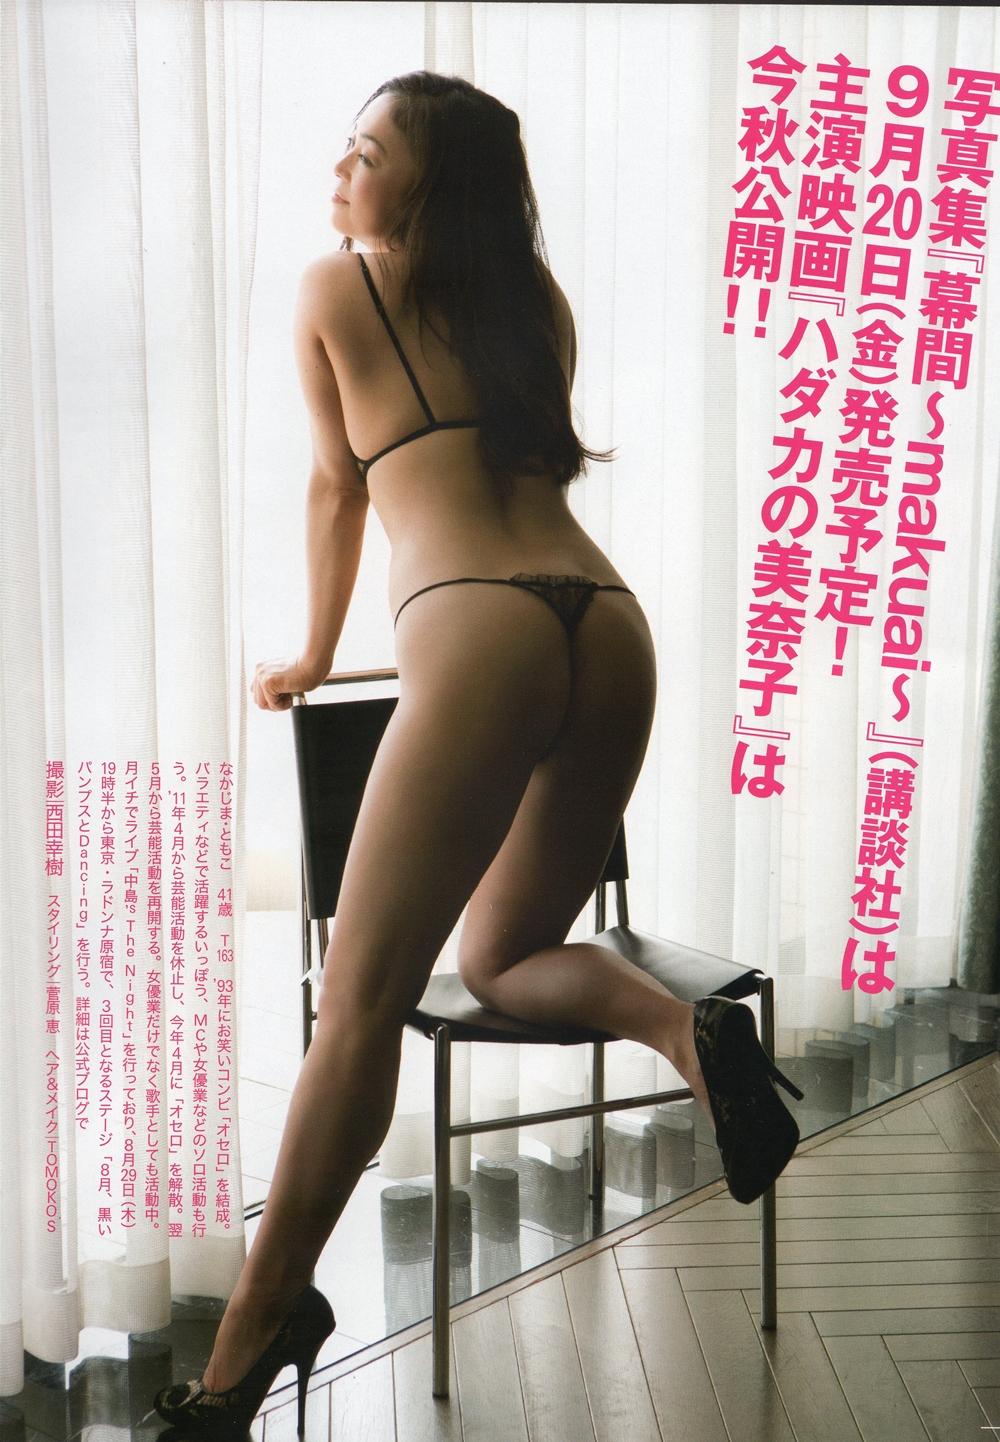 中島知子ヌードエロ画像←これ正直誰に需要あったんだろうか?wwwwwww・10枚目の画像